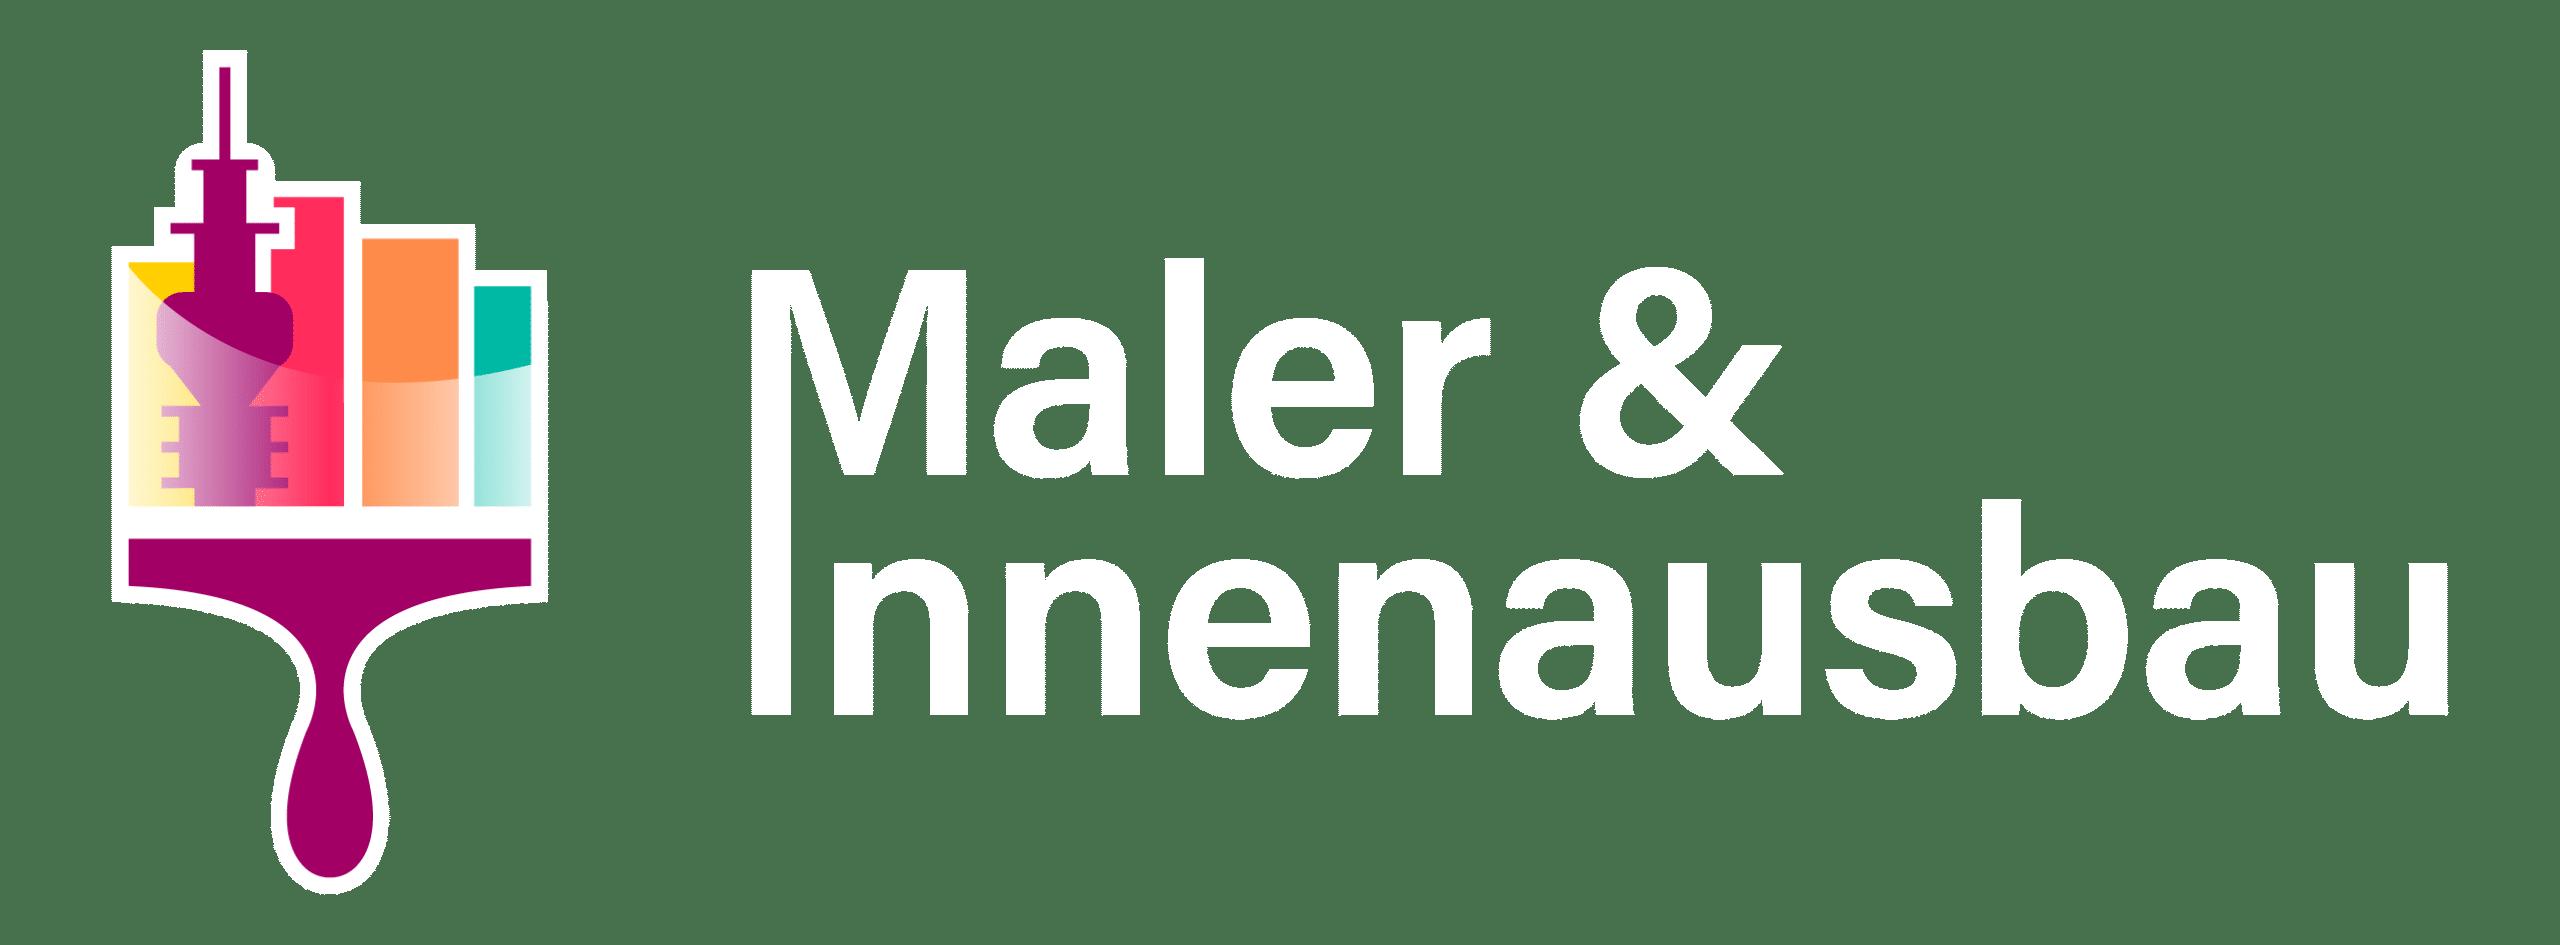 Innenausbau und Malerfirma